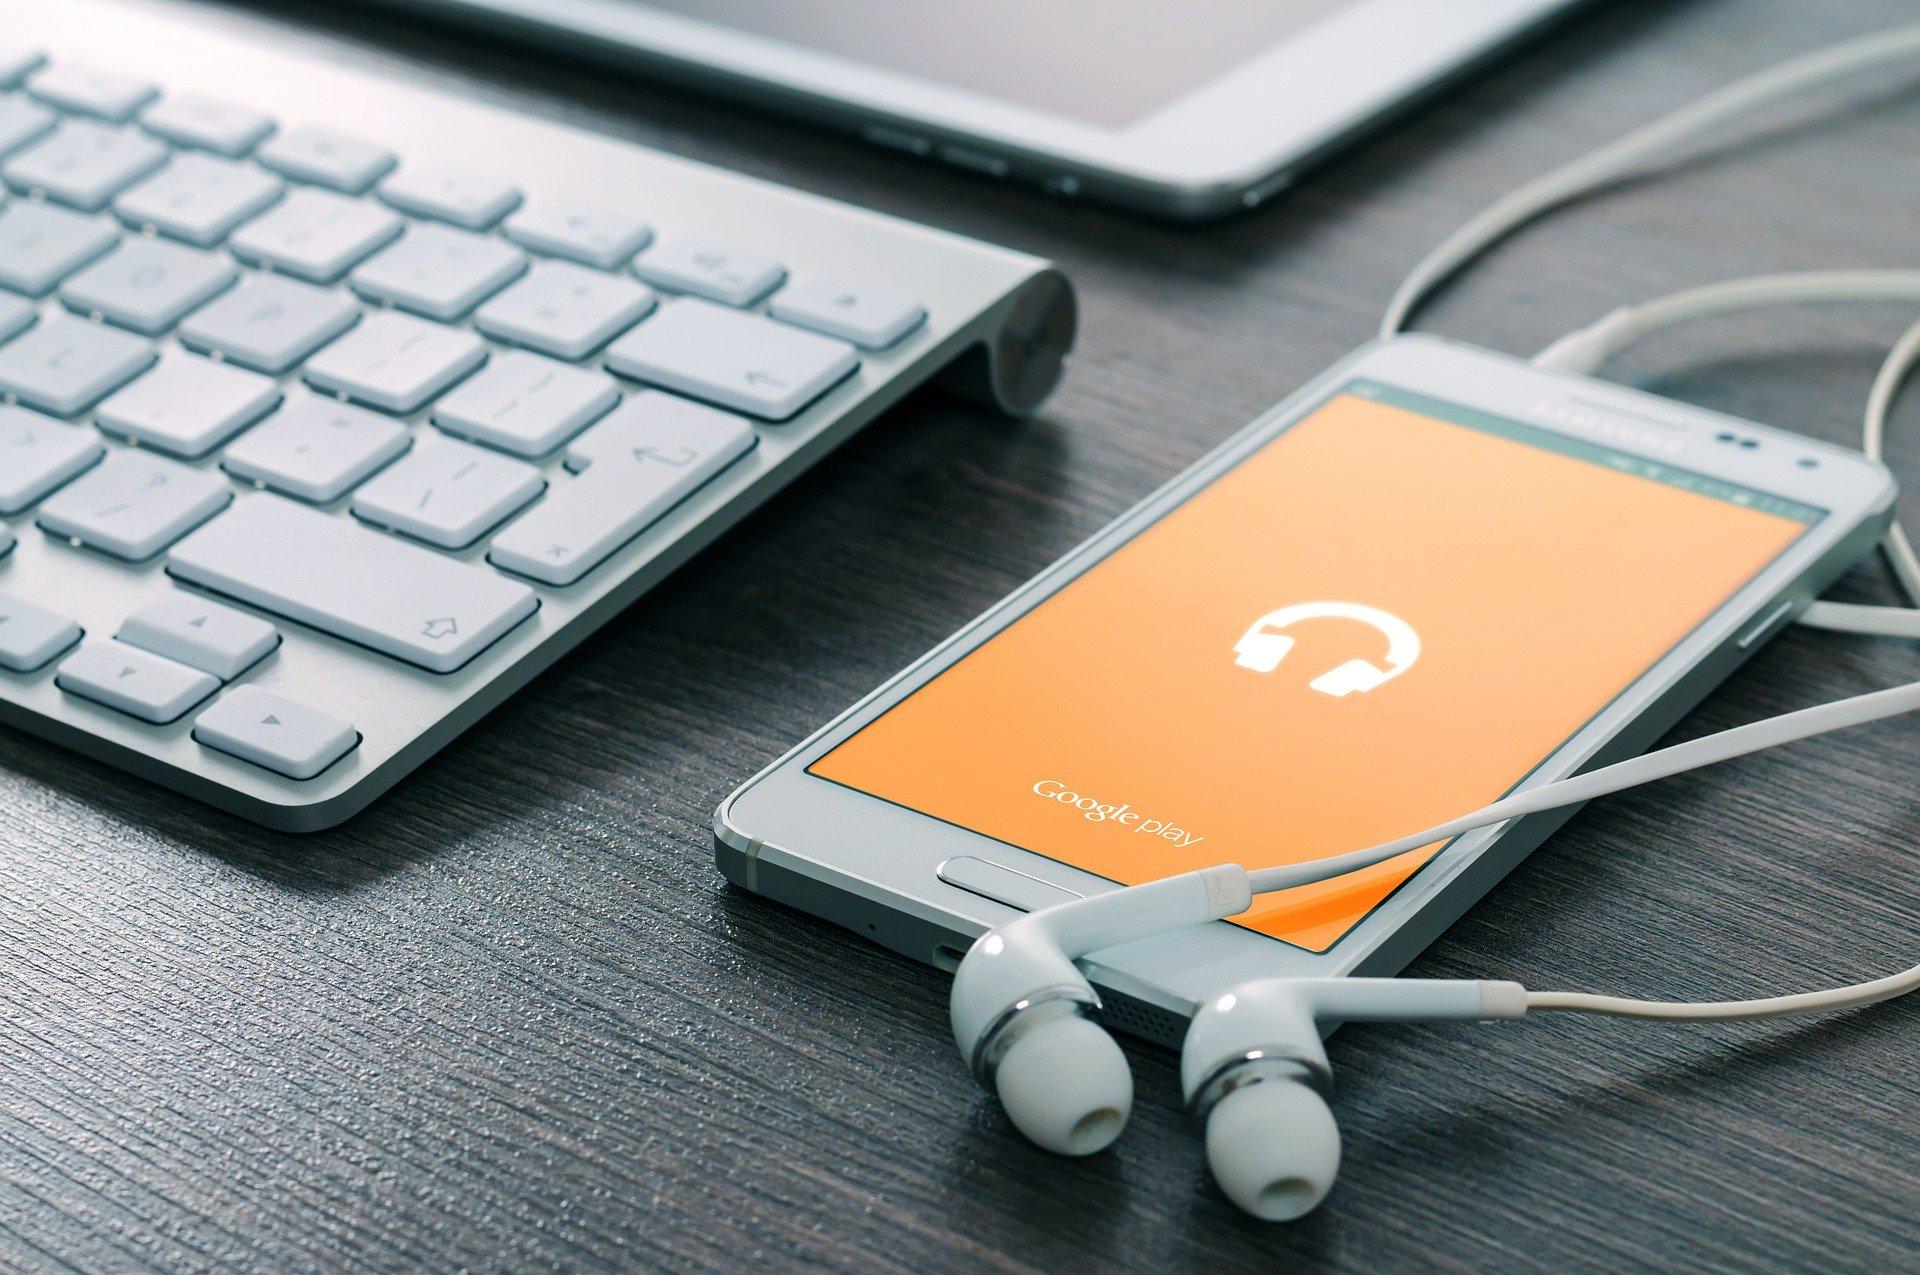 Attendez avant de vous jeter sur vos écouteurs ! Protégez votre ouïe et mettez-y de bonnes choses !